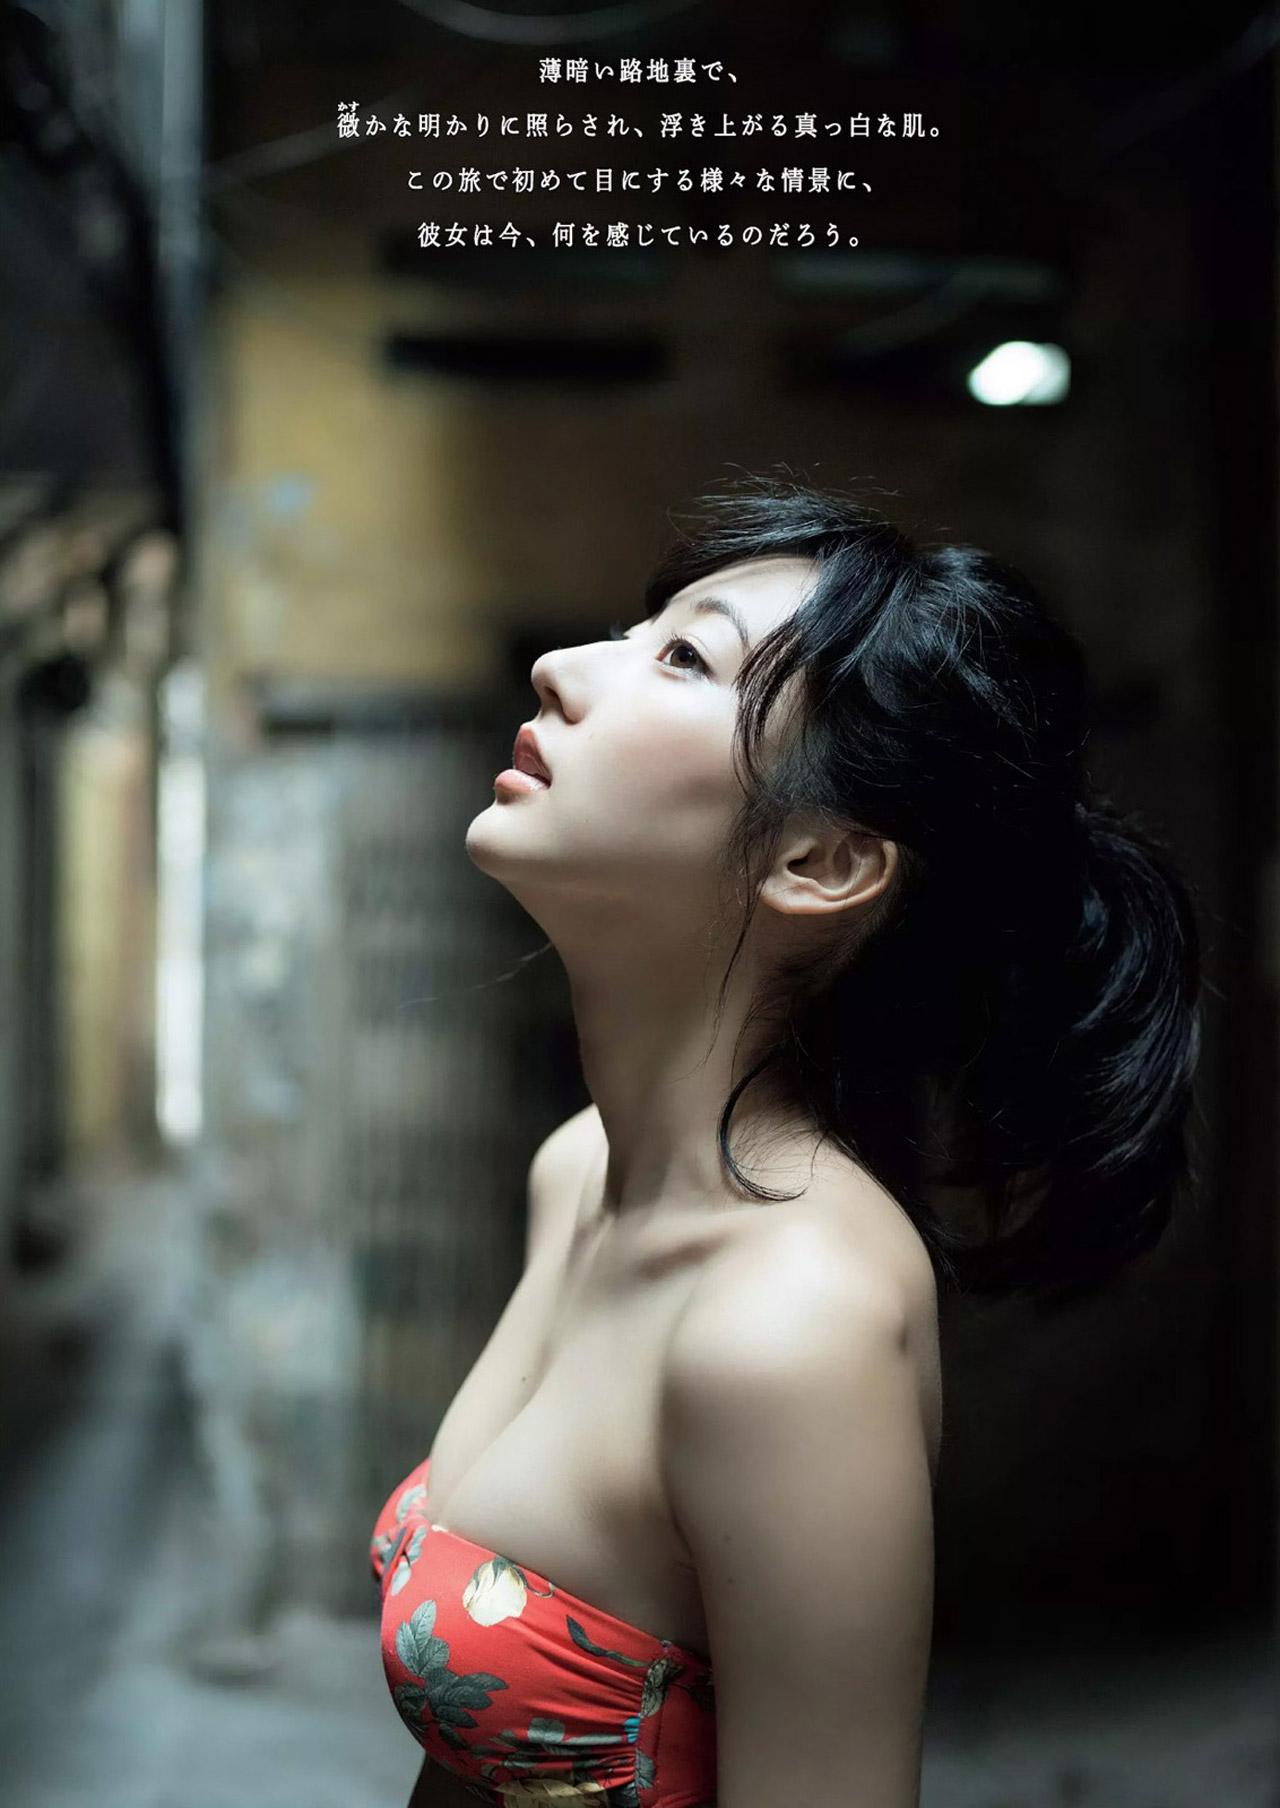 武田玲奈(20)の最新イメージDVD&グラビアエロ画像141枚・72枚目の画像